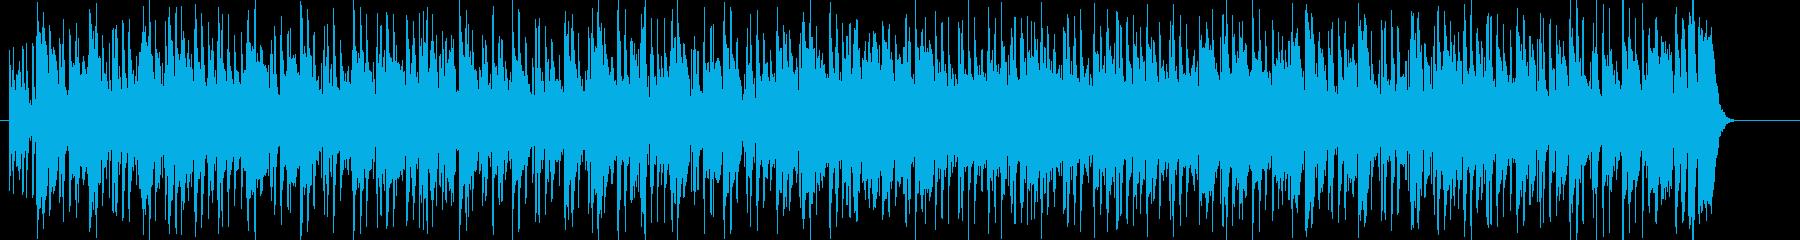 緊張 雑踏 追跡 ワイルド スリルの再生済みの波形